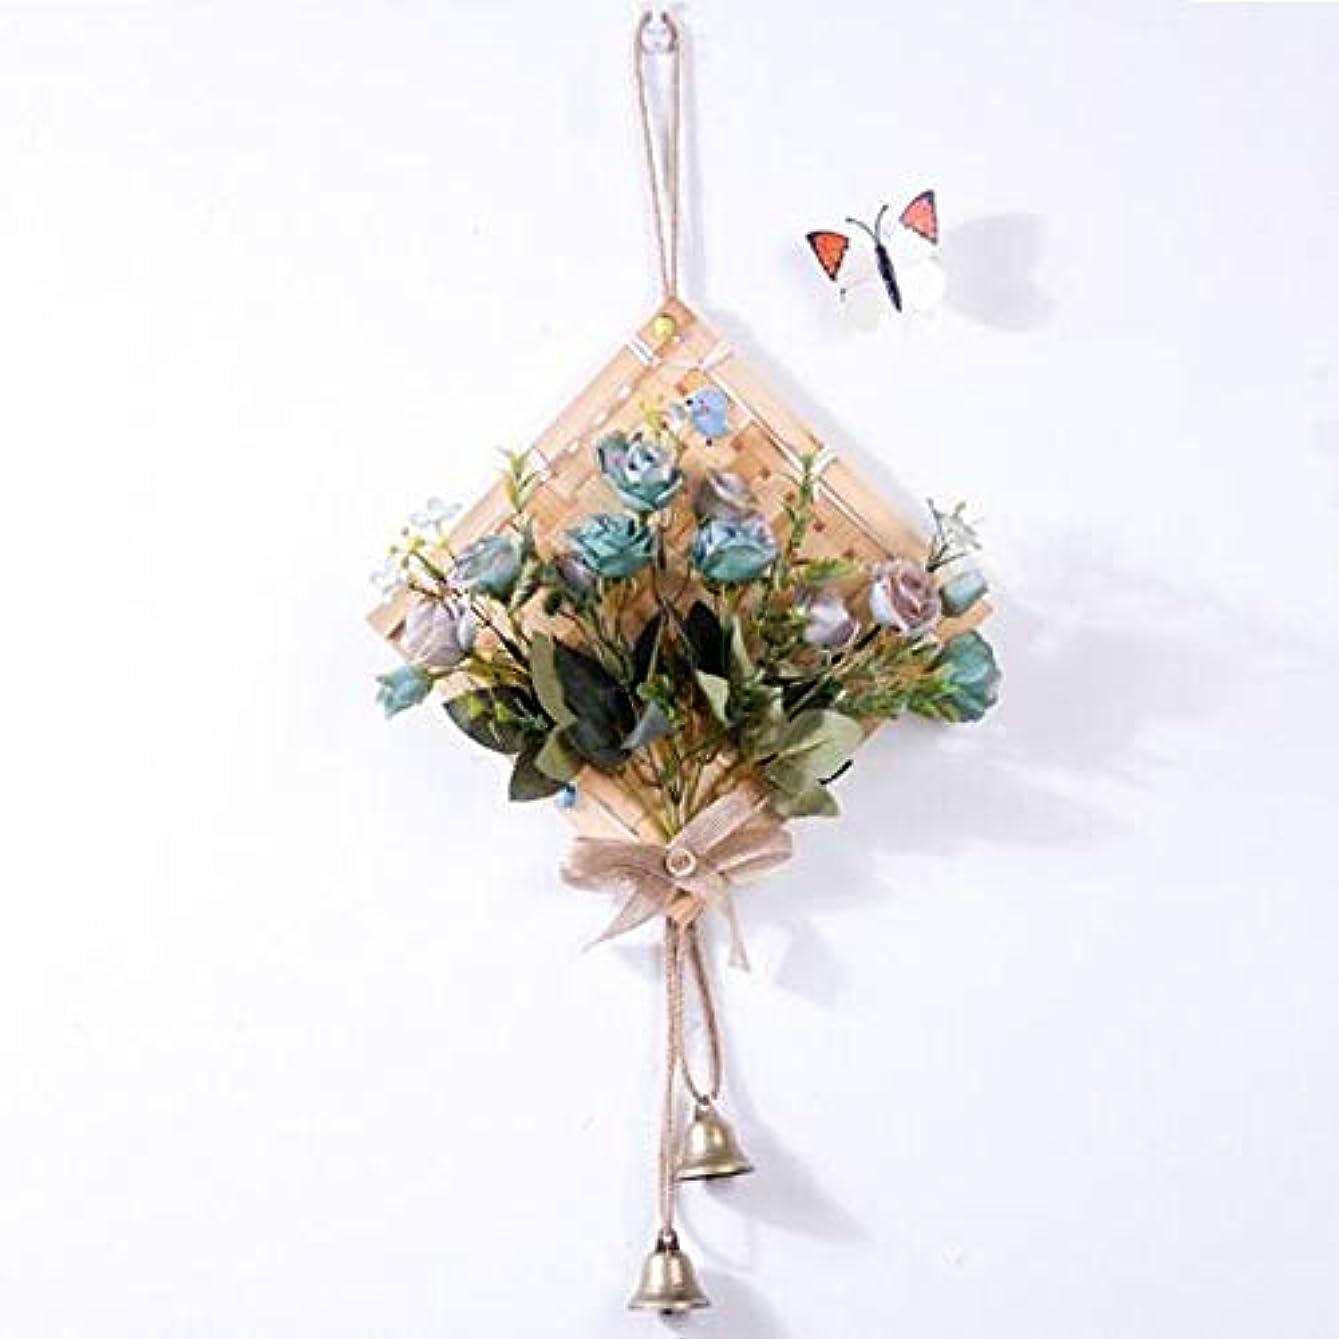 にやにや未来アミューズメントGaoxingbianlidian001 風チャイム、クリエイティブ?竹風チャイム、白、幅28.5cmくらい,楽しいホリデーギフト (Color : Blue)